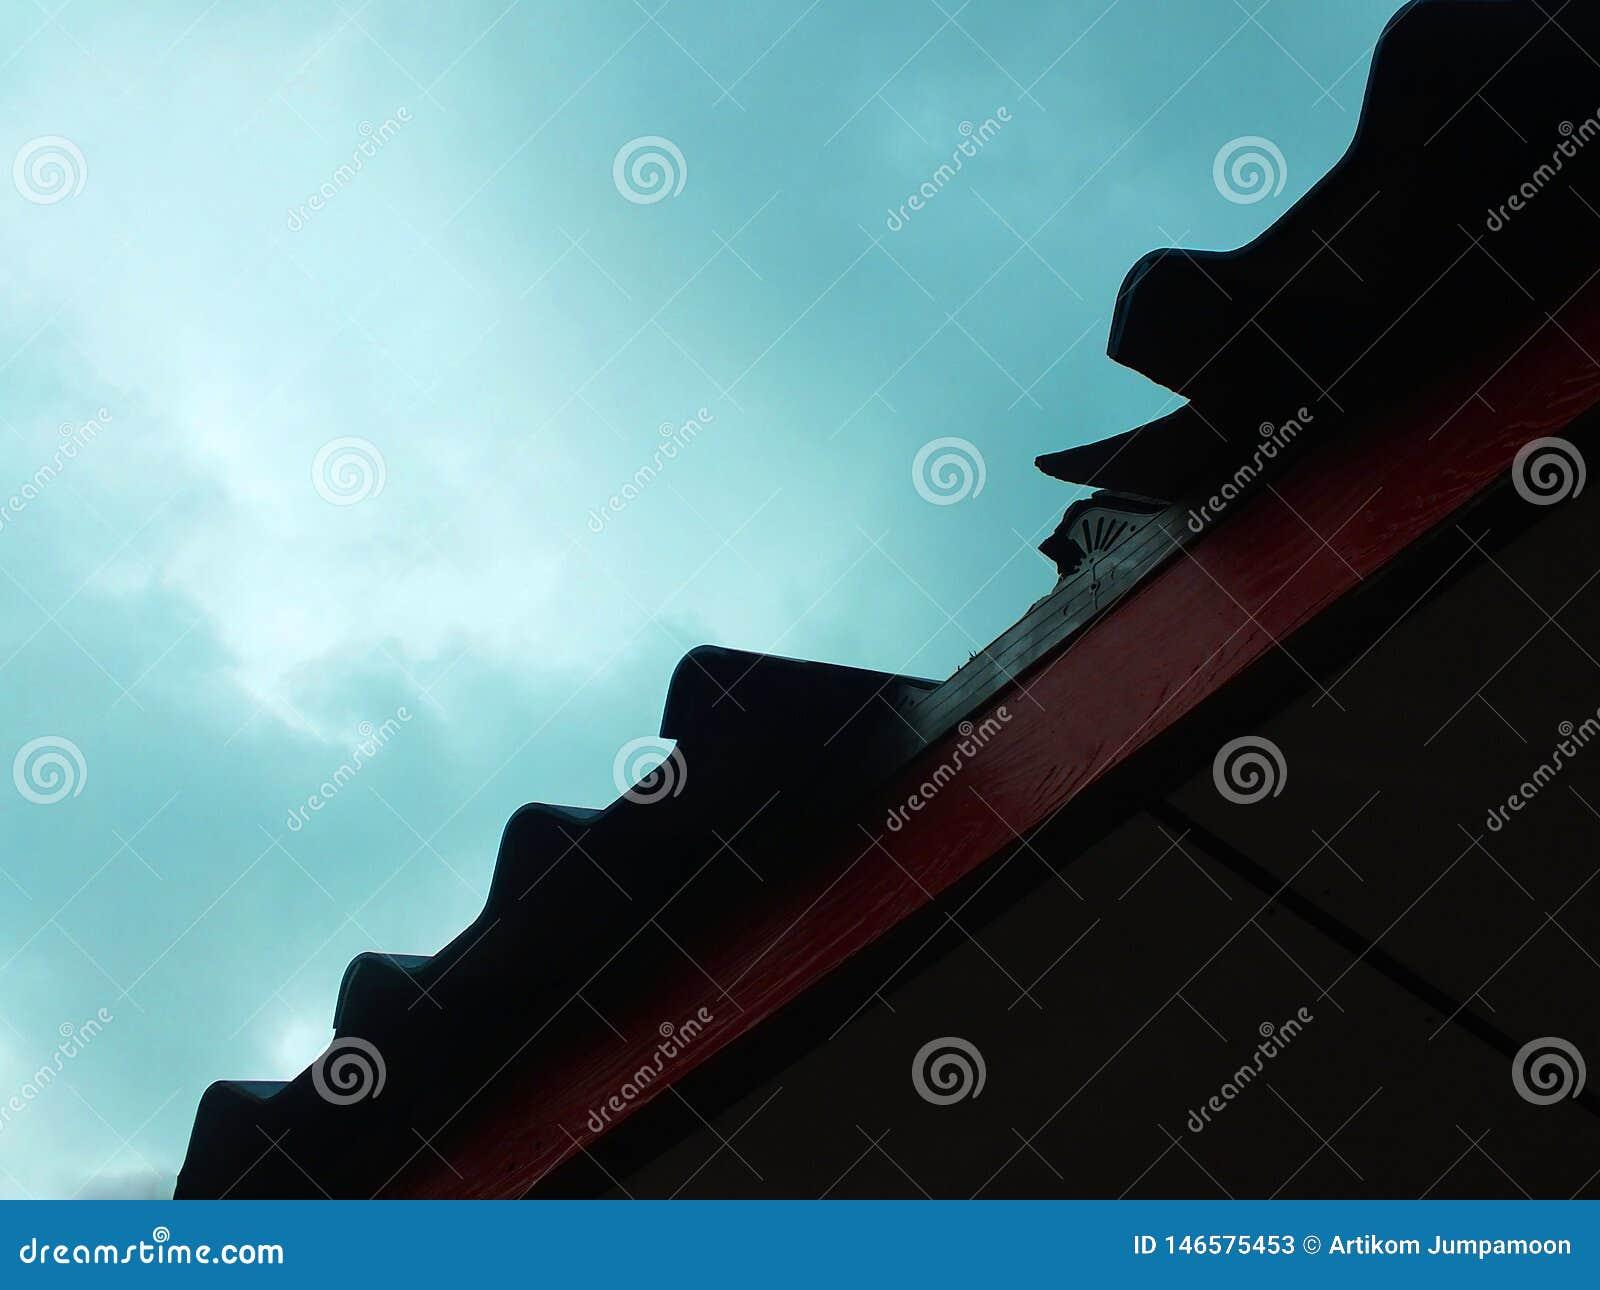 屋顶是残破的由于严重被损坏